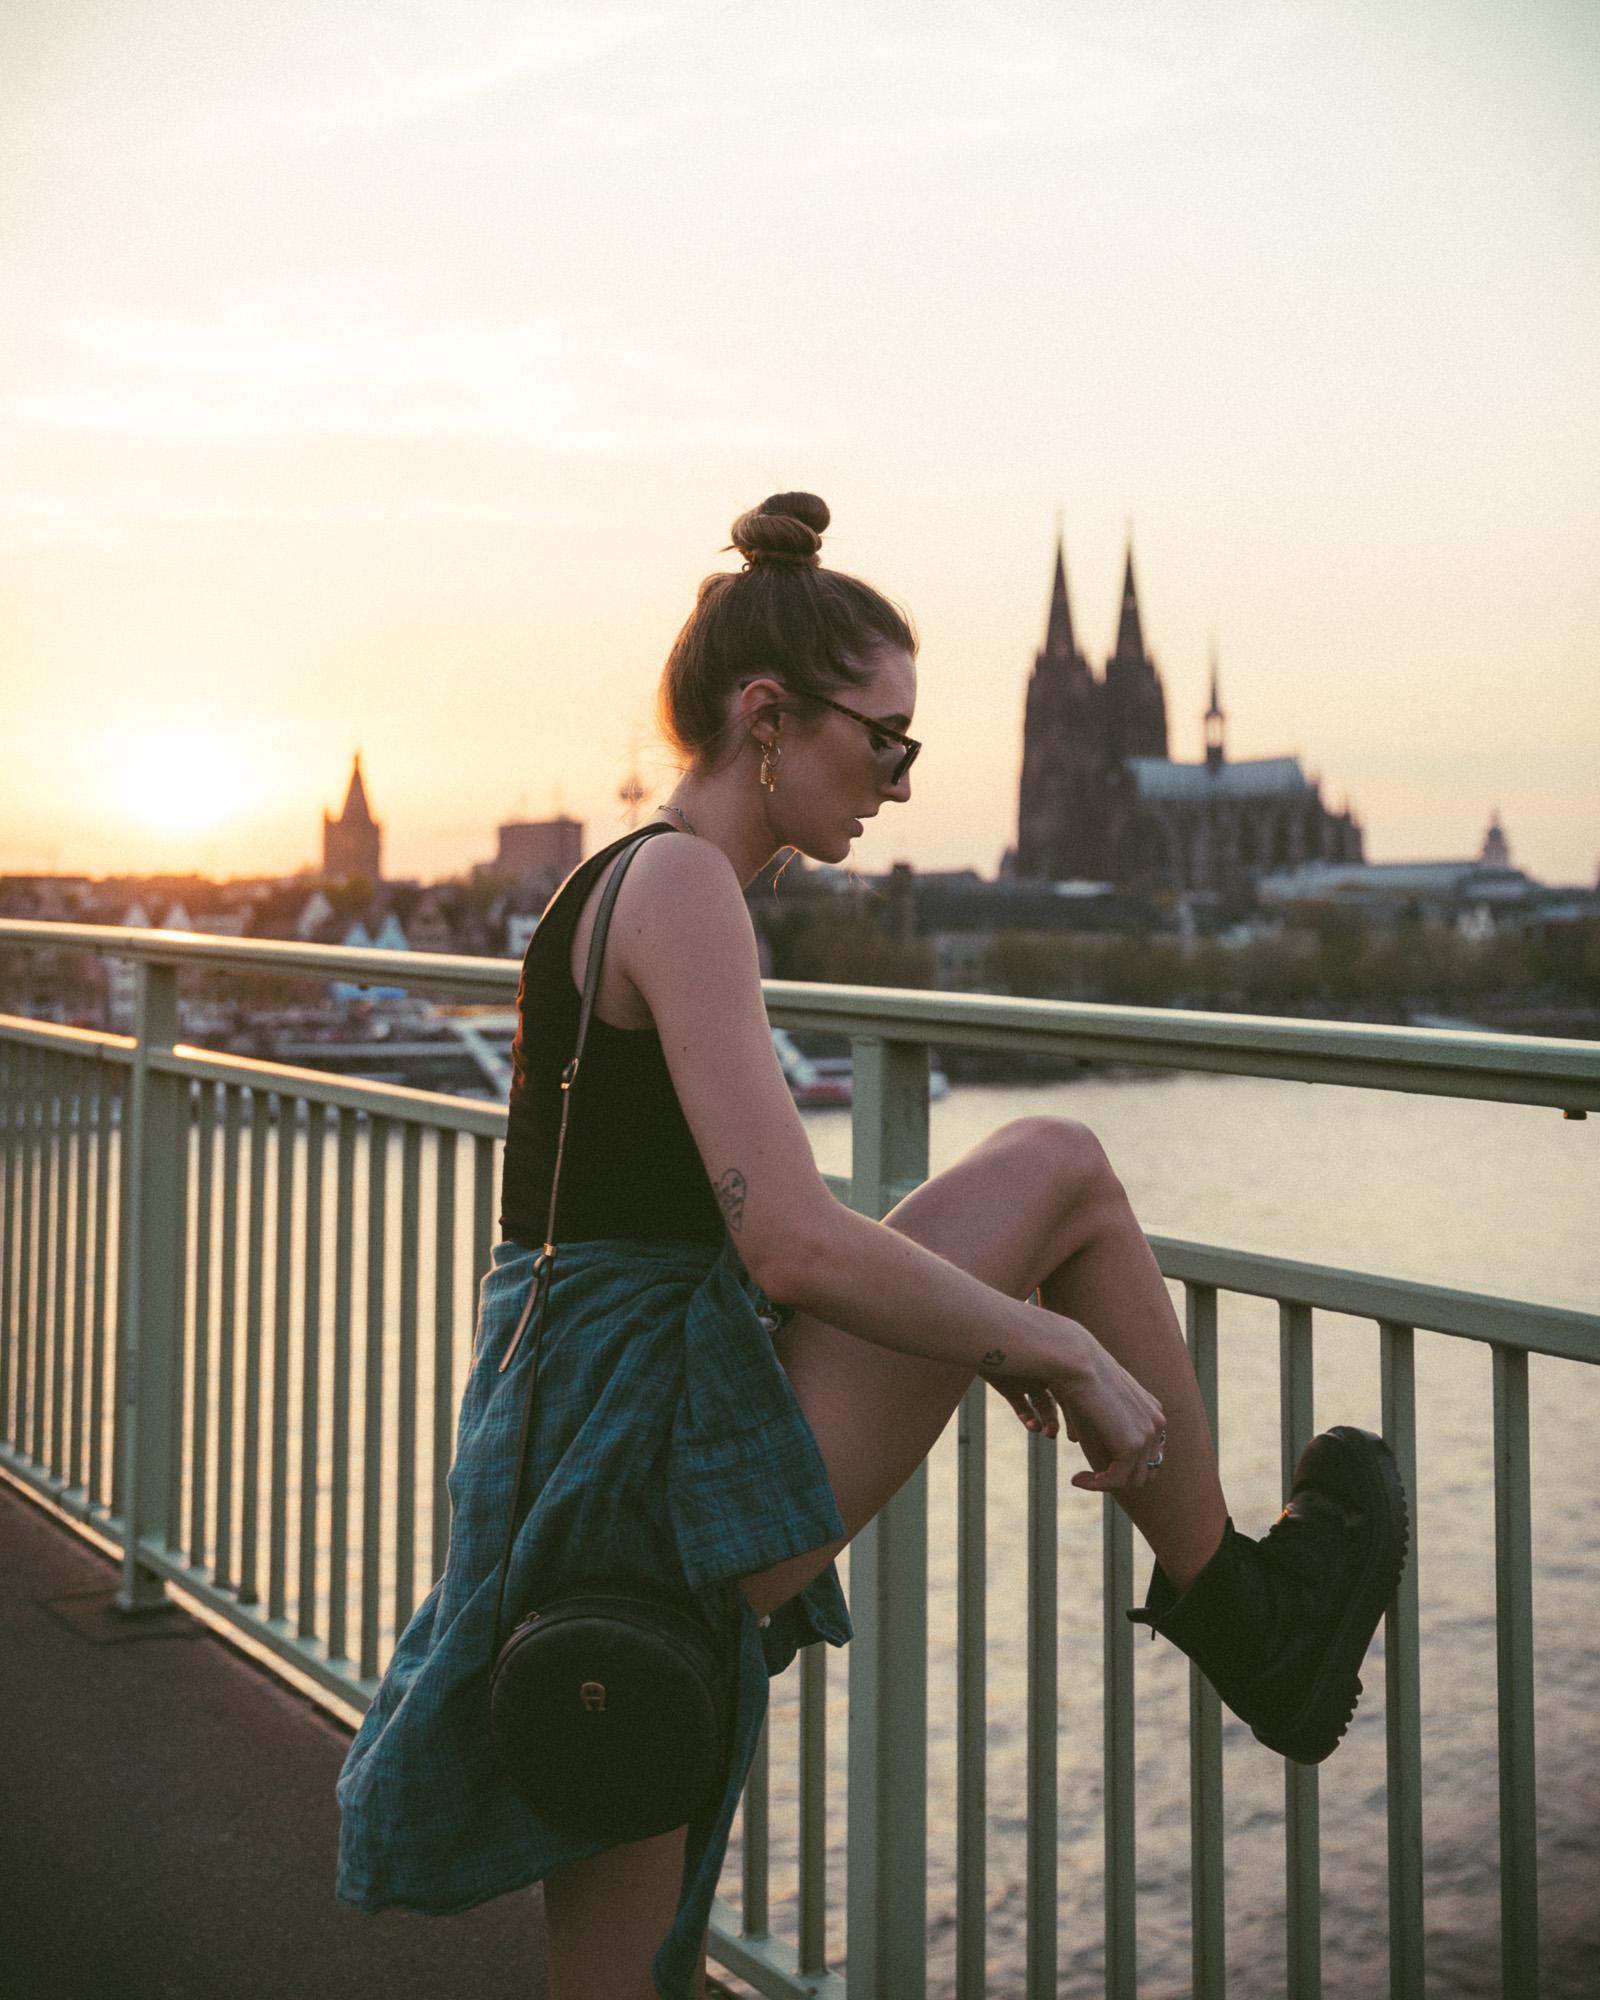 Going Insane Series - About Mental Health & Failure   Lisa Fiege